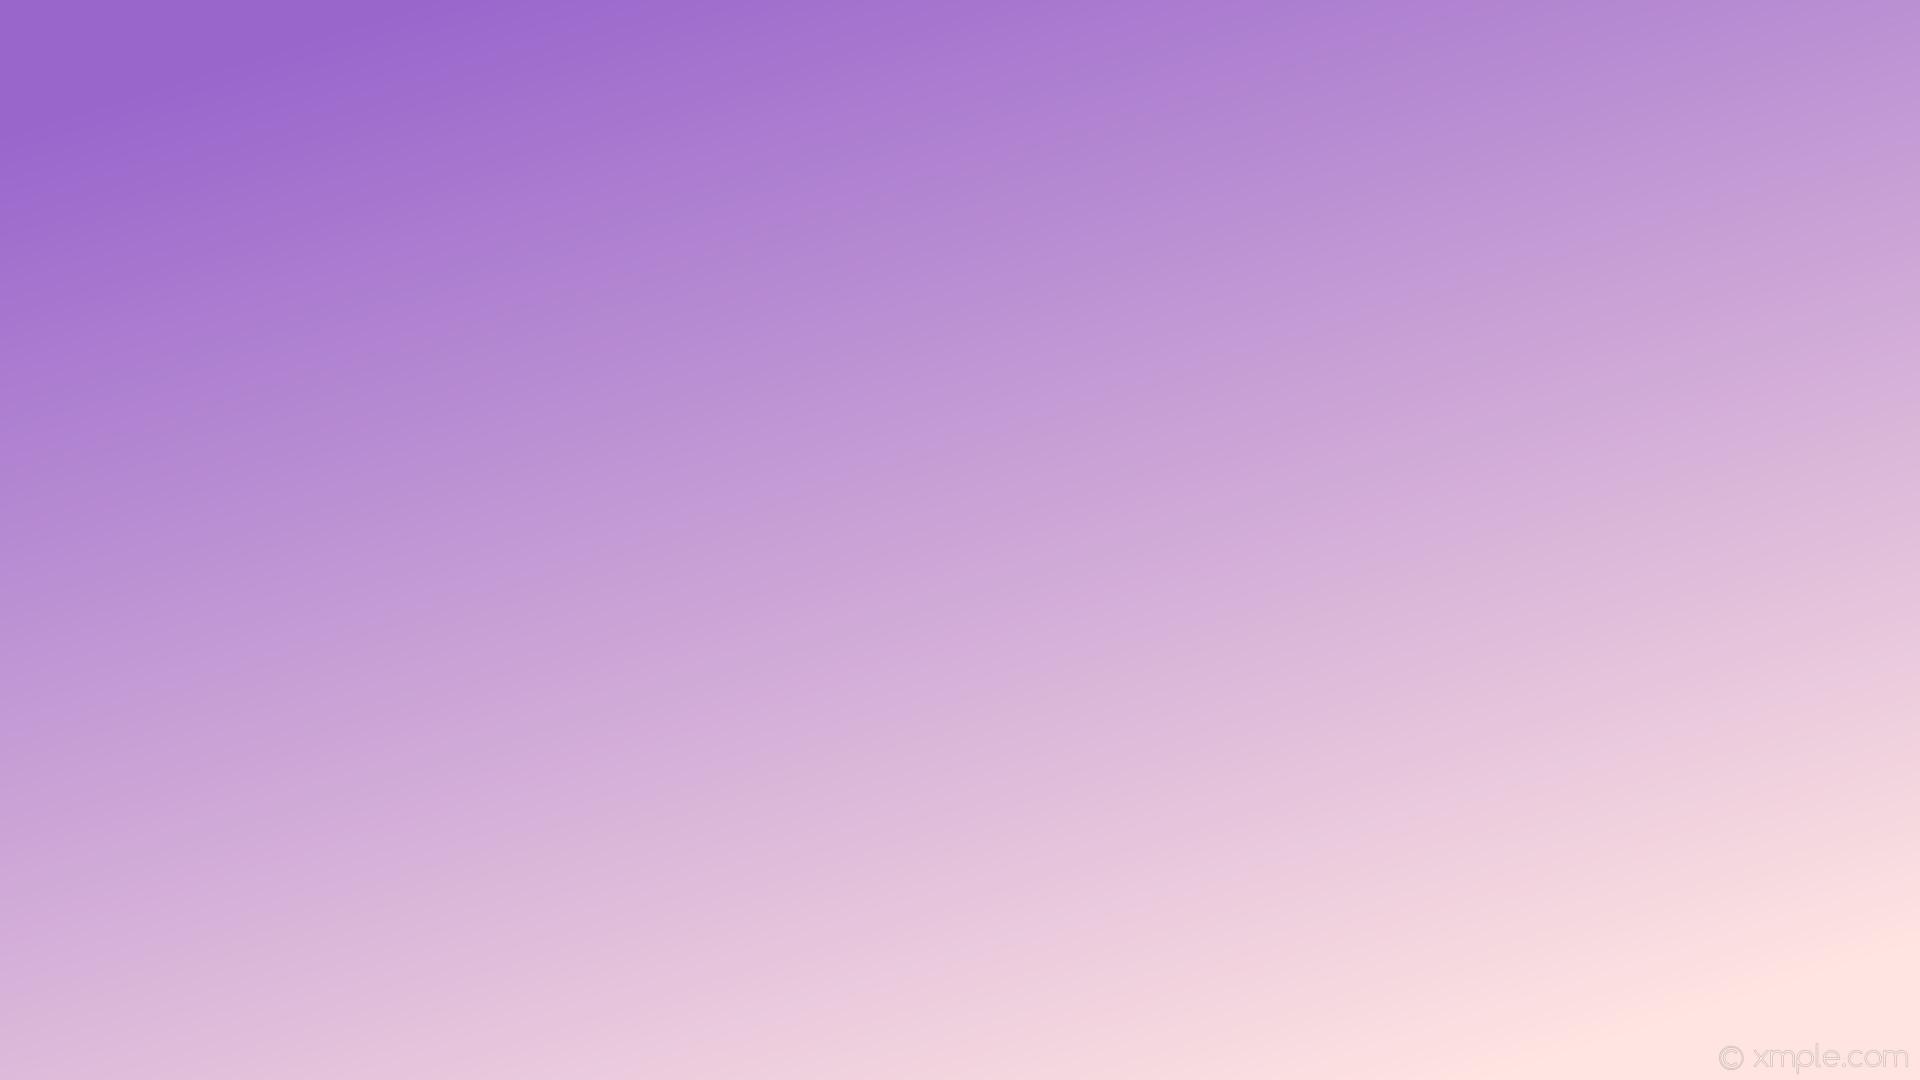 wallpaper gradient linear purple white misty rose amethyst #ffe4e1 #9966cc  315°